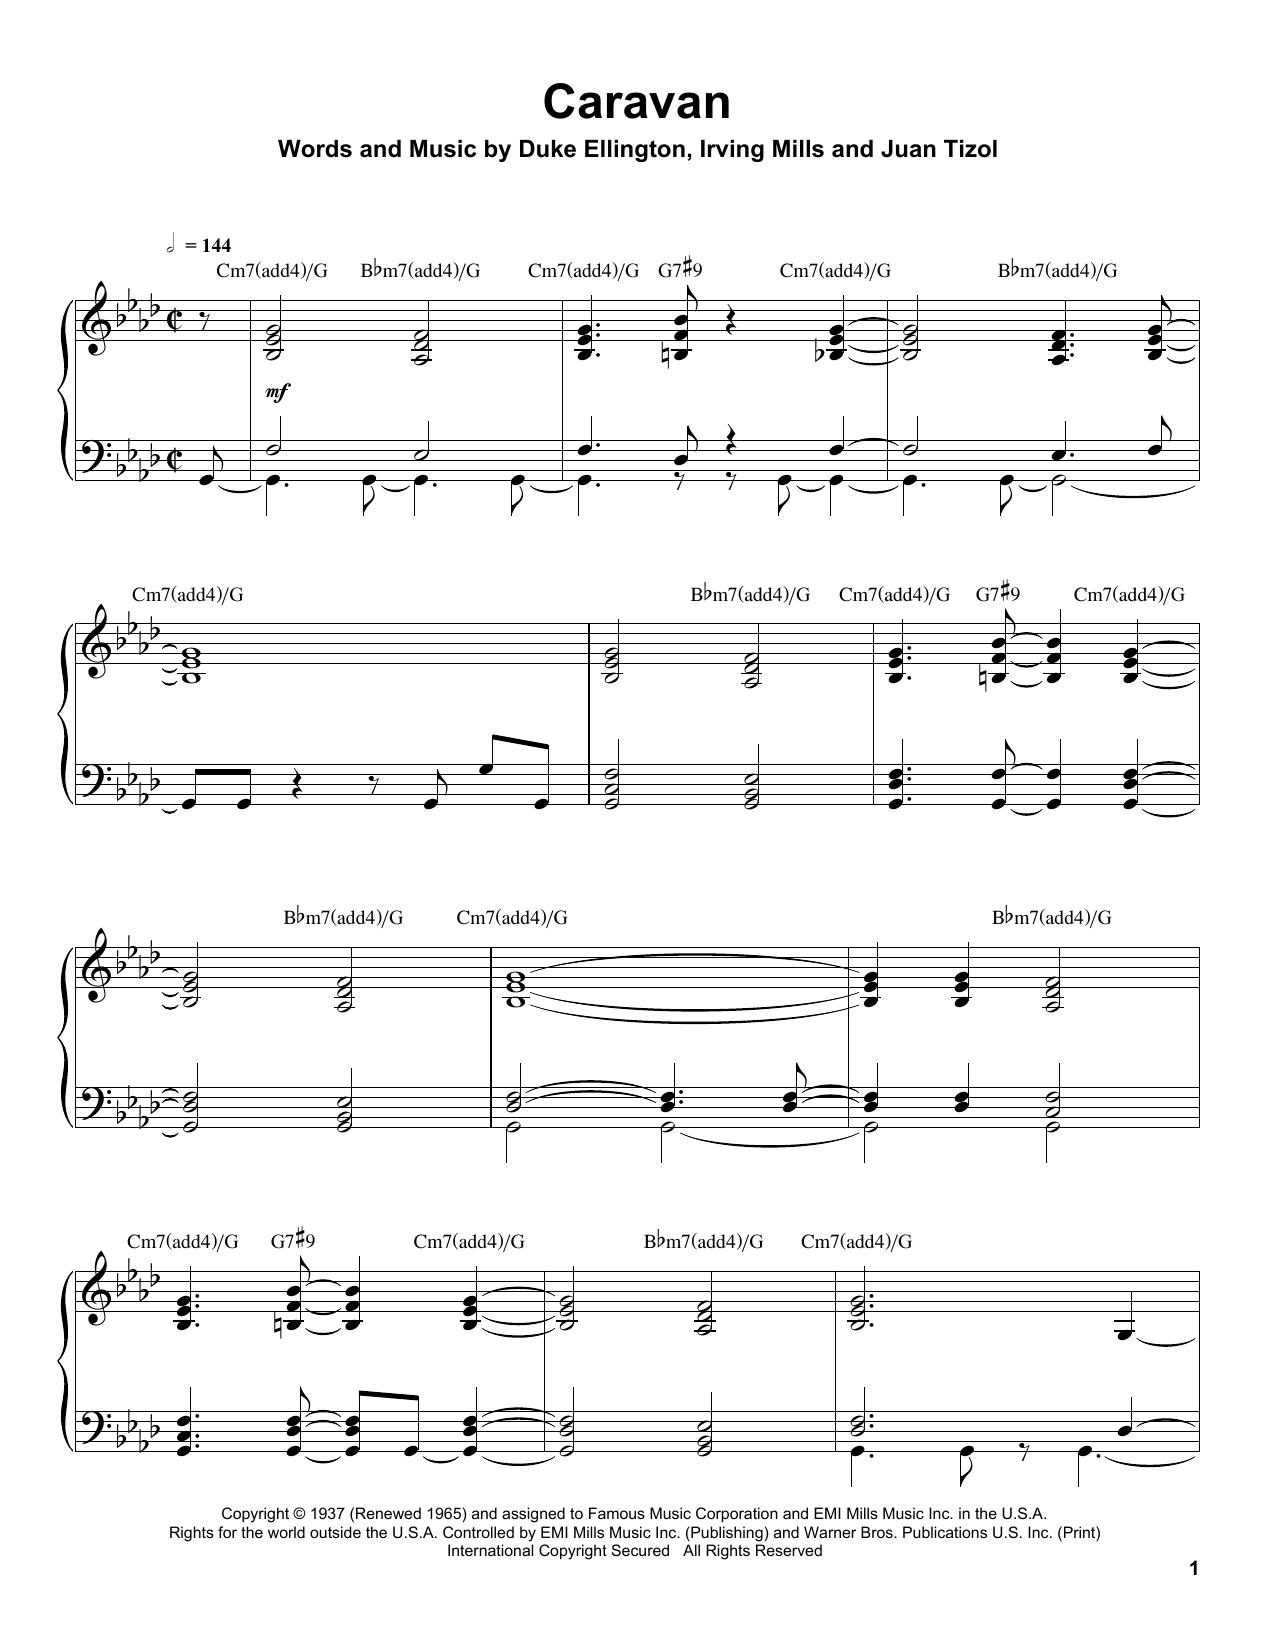 Tommy Flanagan Caravan Sheet Music Notes Chords Printable Jazz